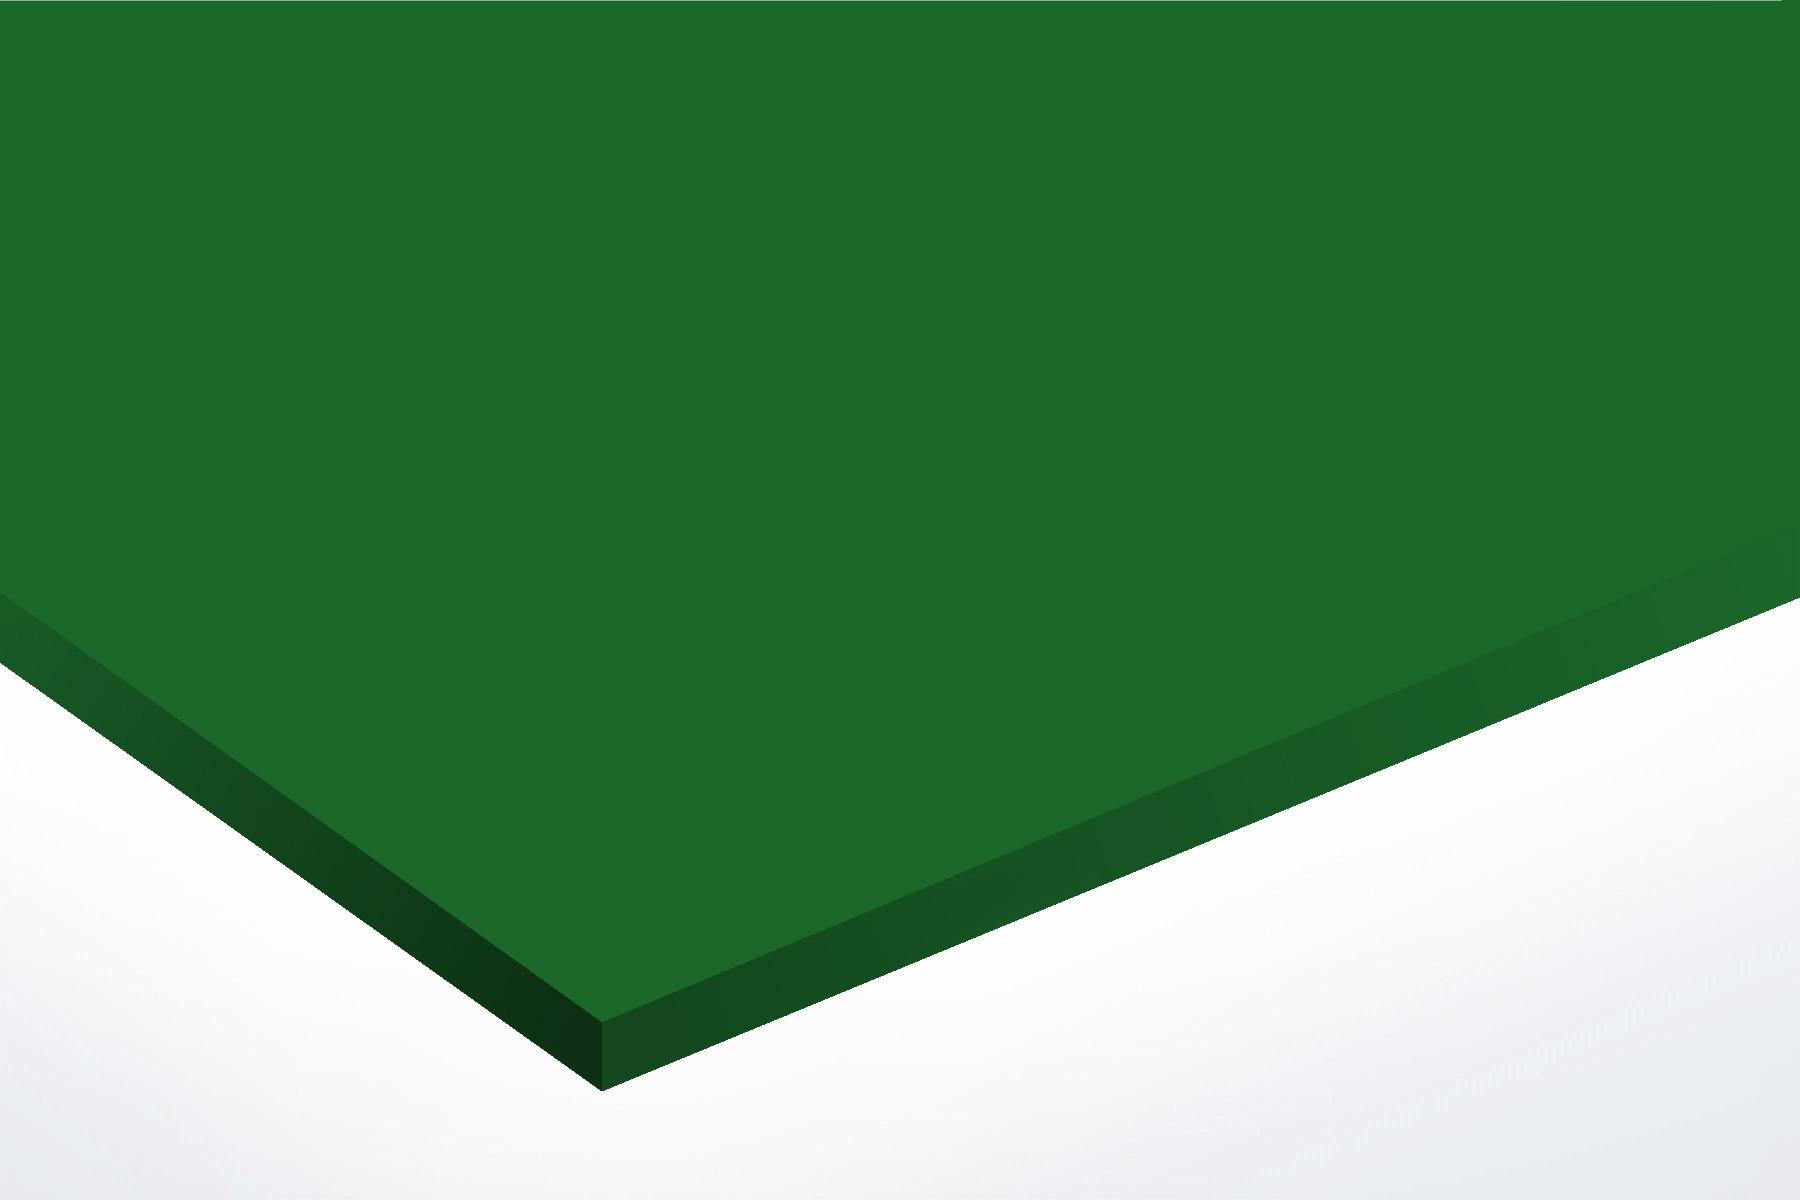 Anodised Aluminium Green, Matt, 1mm x 1000mm x 500mm